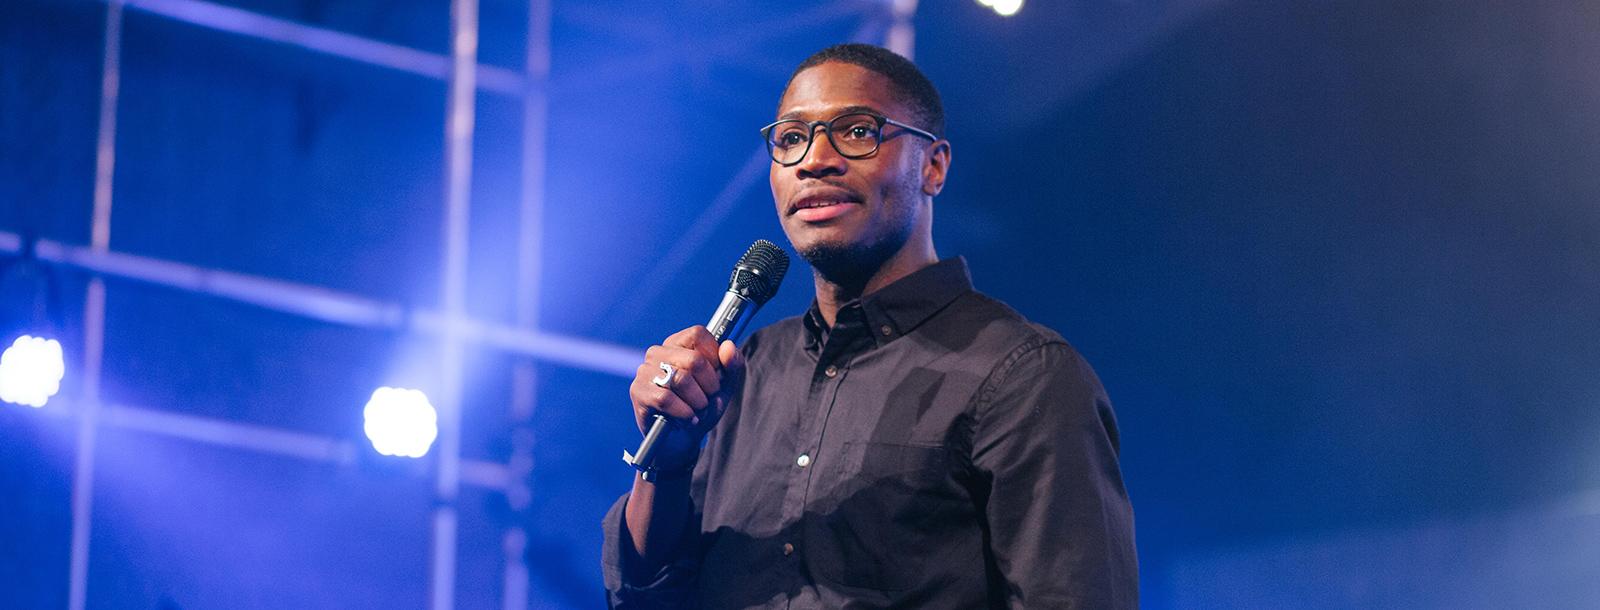 Benitho Onyemba, Youth Pastor